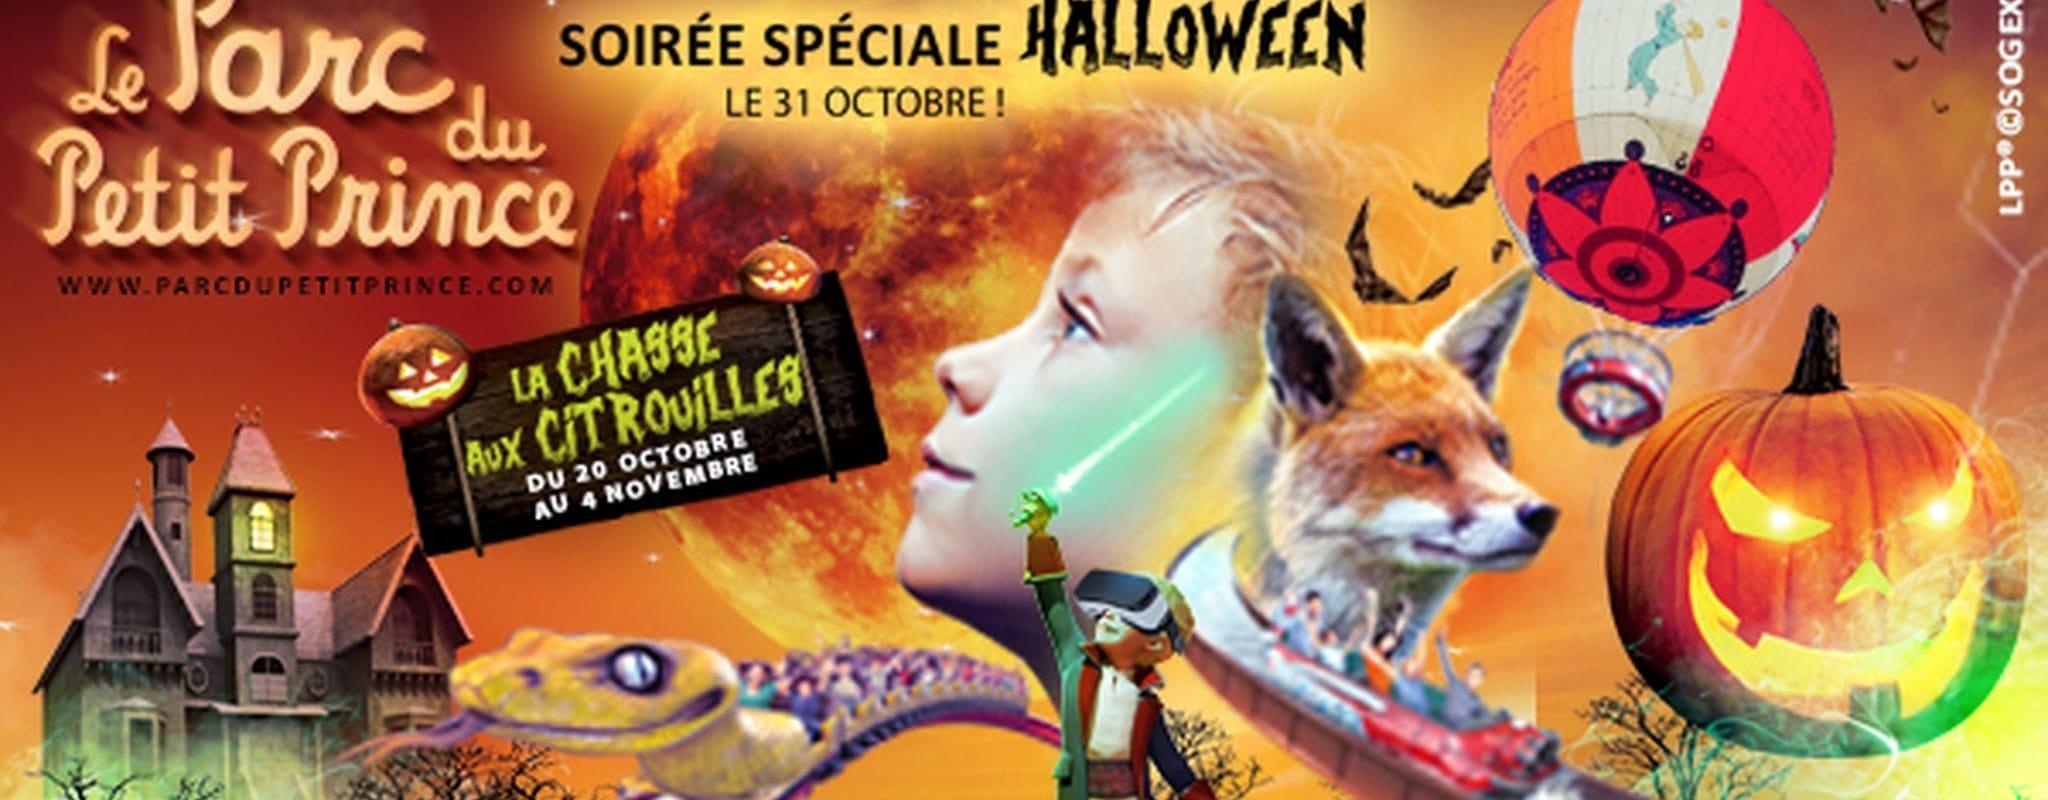 Gagnez des pass famille pour Halloween au Parc du Petit Prince